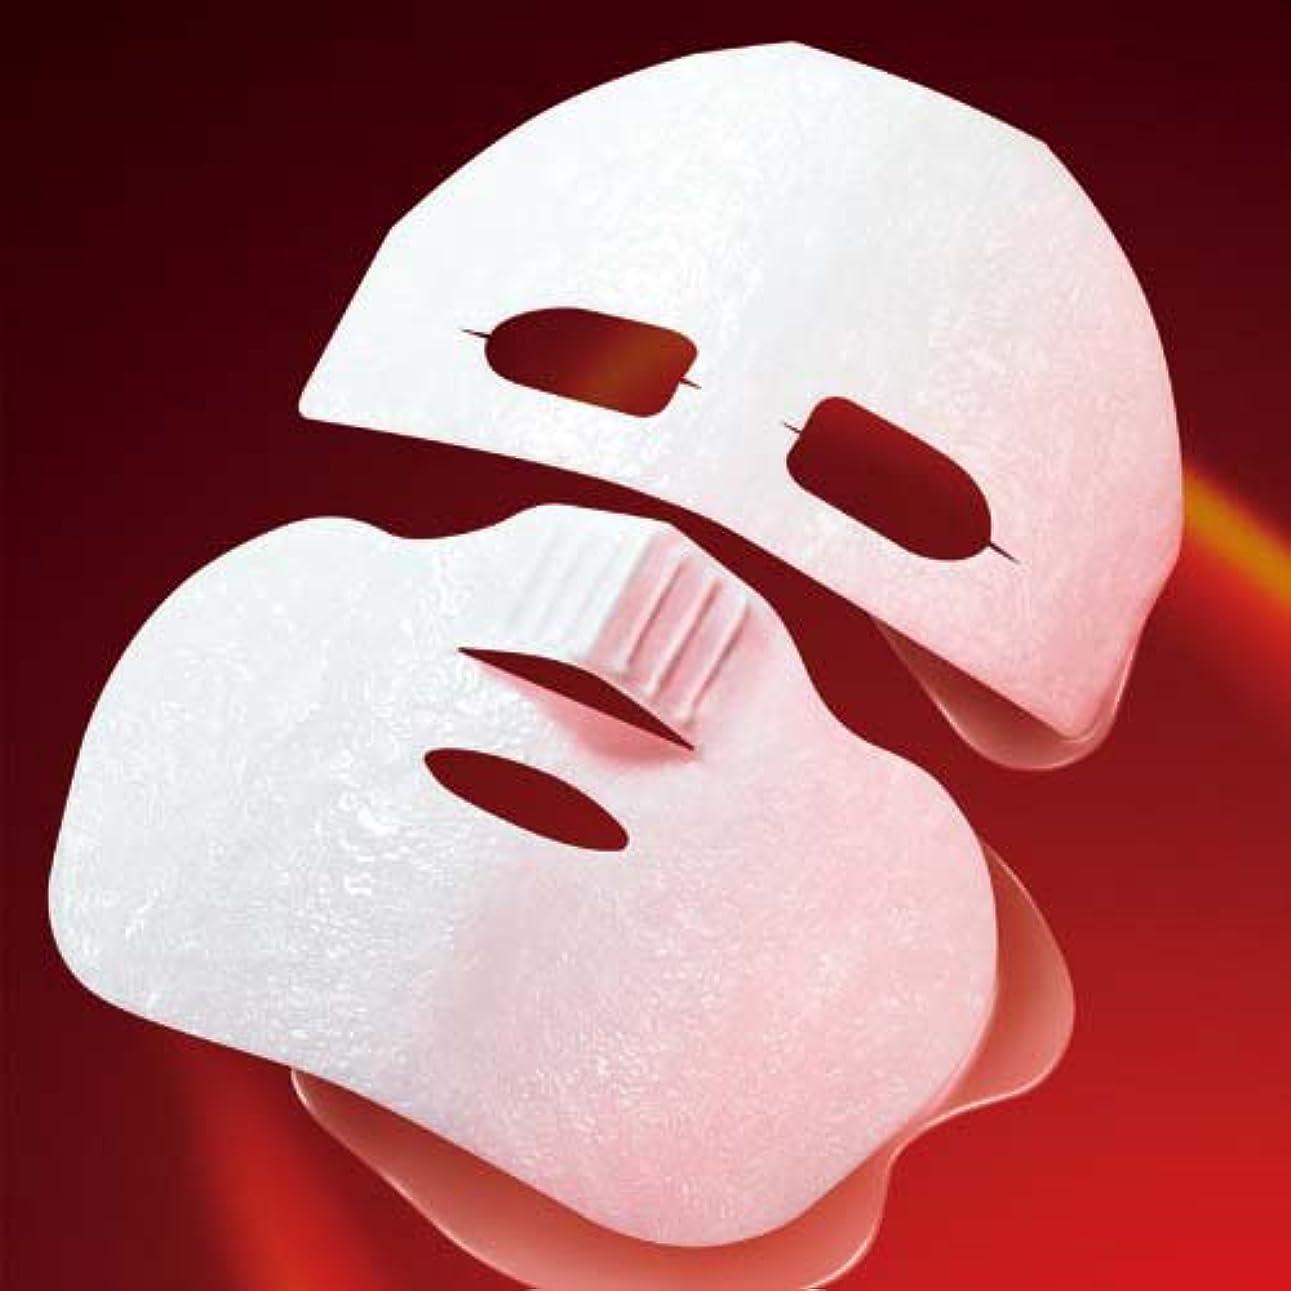 梨あえぎコンパクトSK-II スキン シグネチャー 3D リディファイニング マスク(シートマスク)6セット